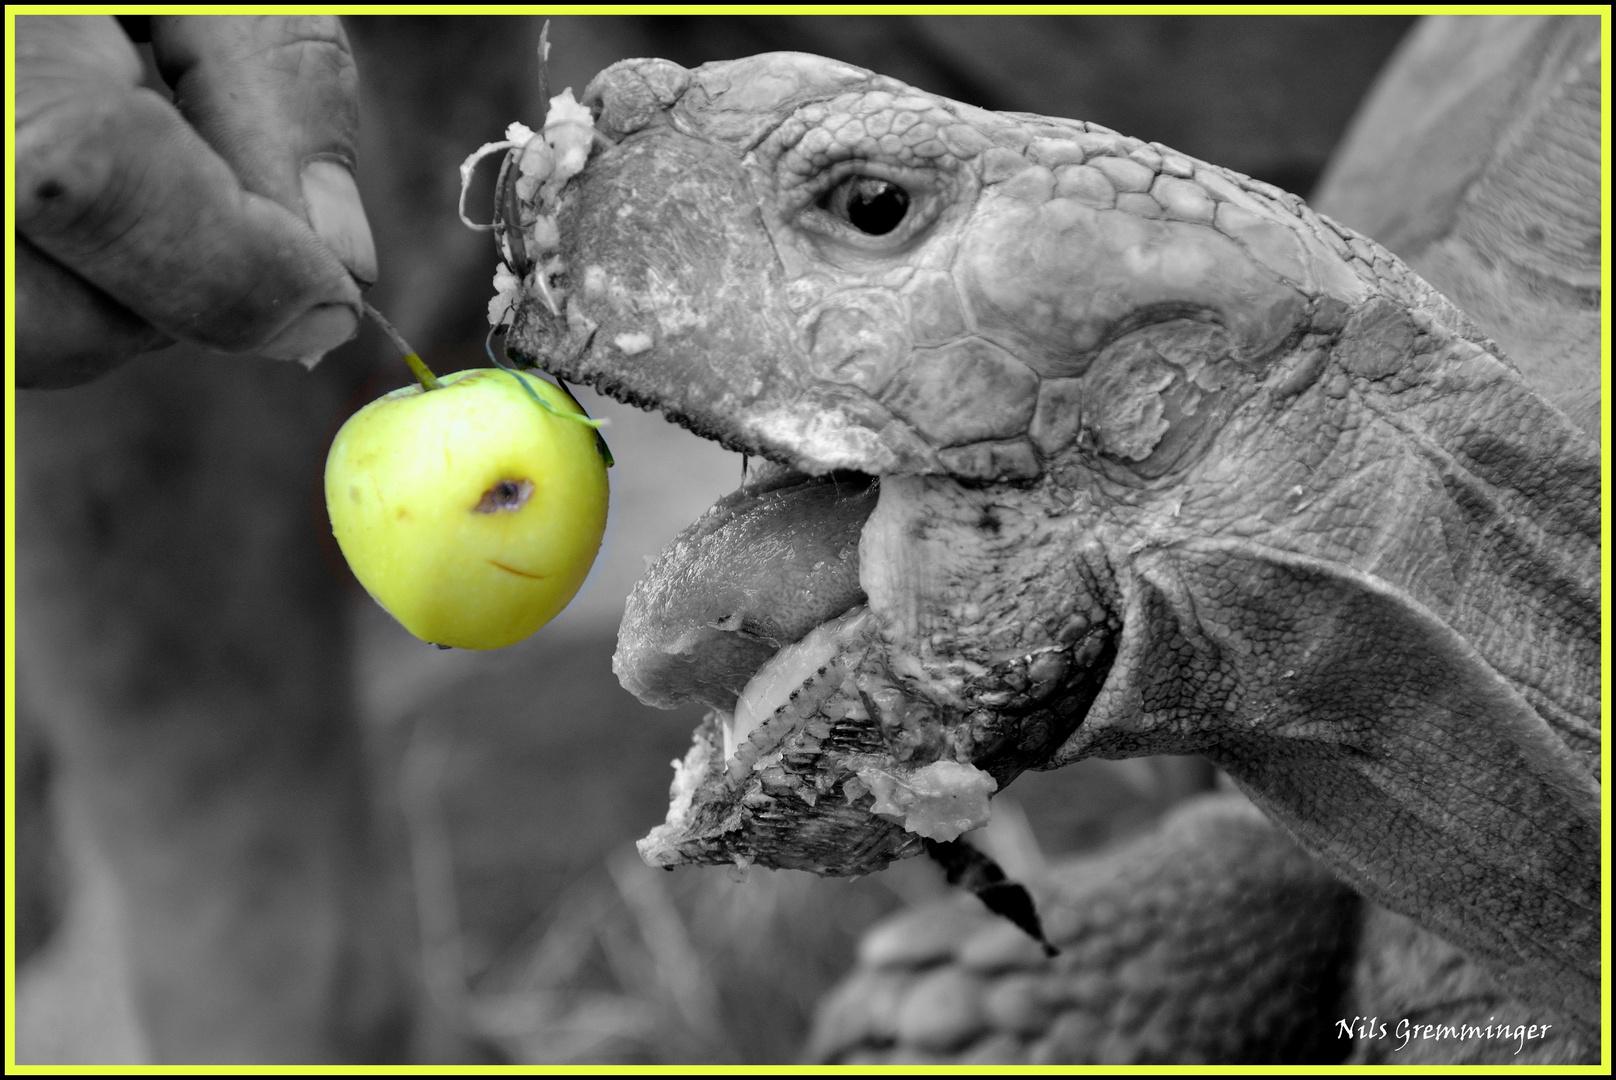 Lecker, Äpfel...